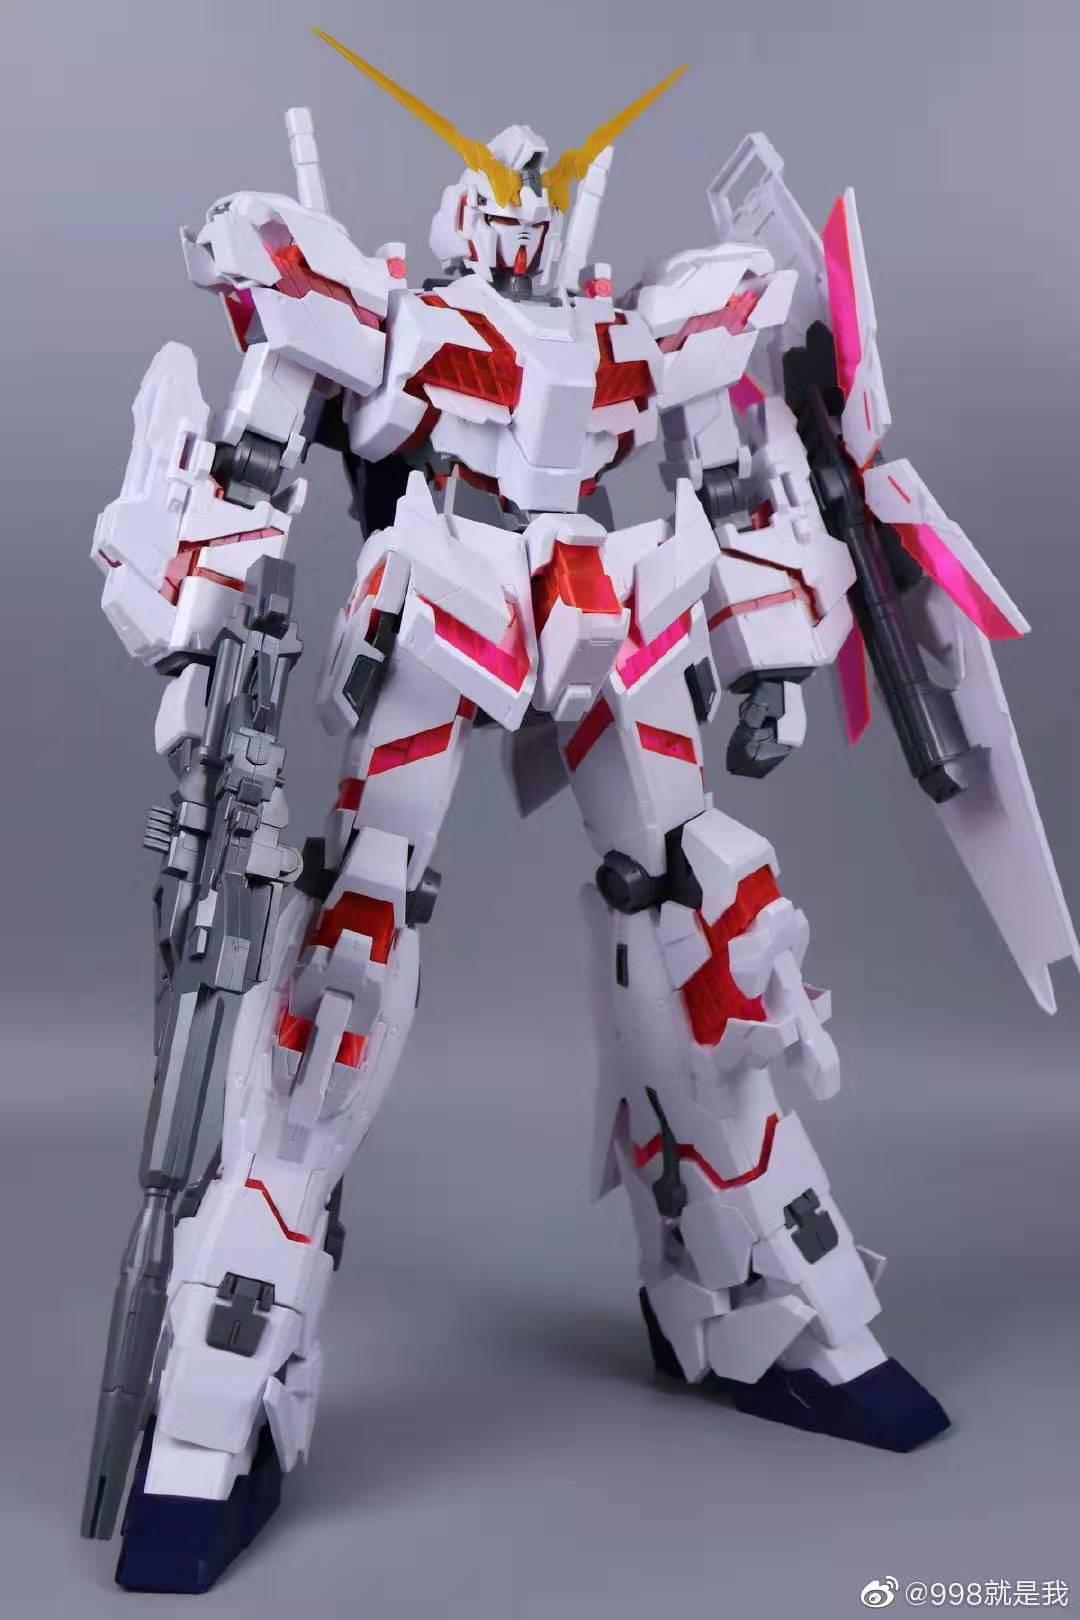 Mega Size Model Unicorn Gundam - Destroy Mode - Daban Model